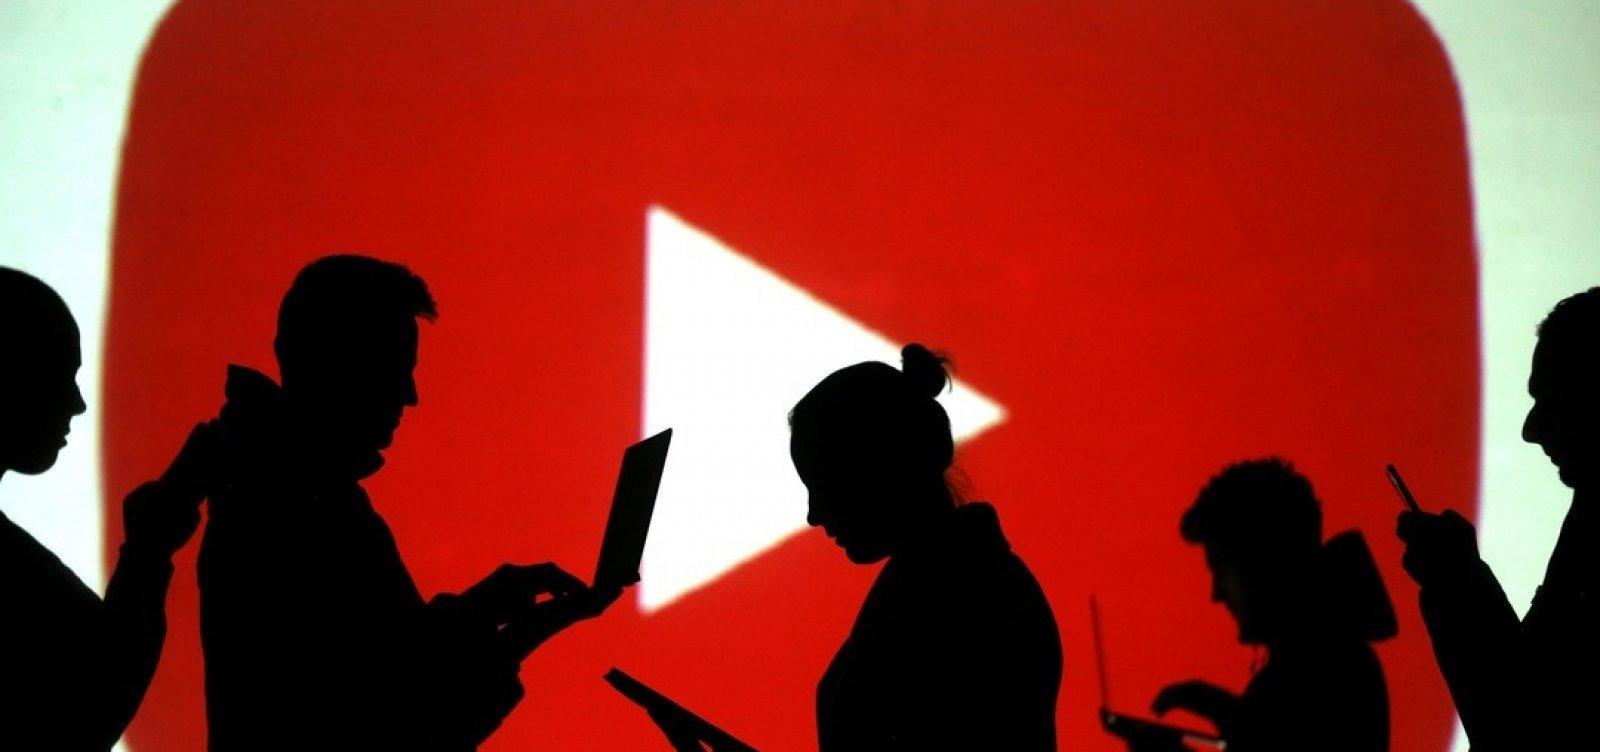 [Google é multado em US$ 170 mi por expor vídeos inapropriados a menores no Youtube]